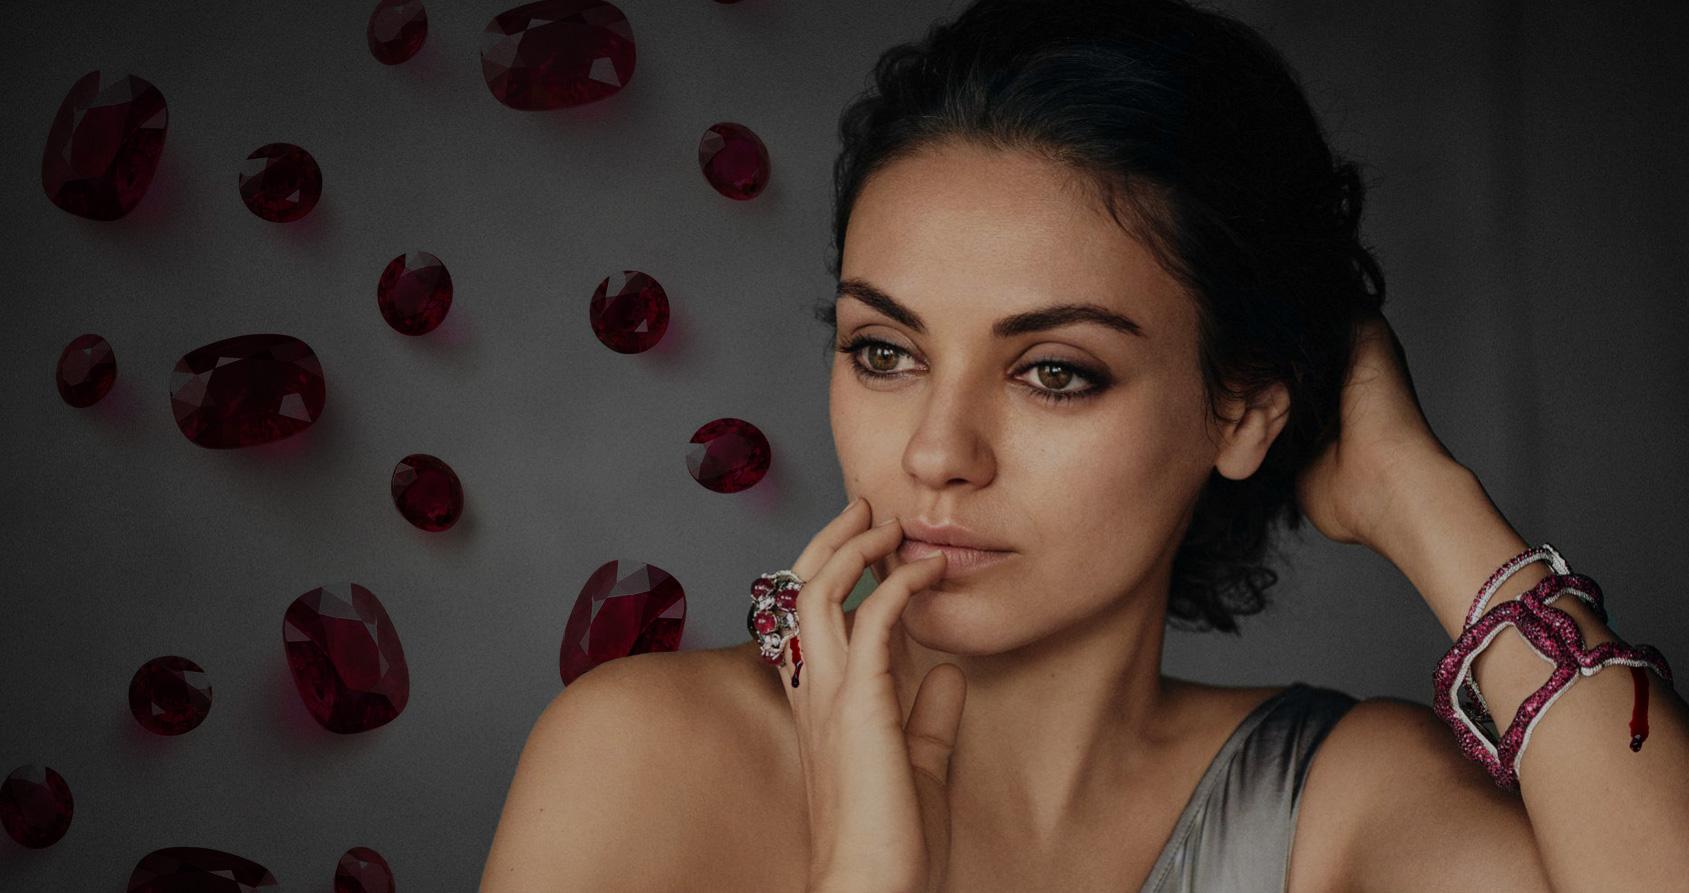 Les bijoux de Mila Kunis sont-ils fabriqués dans le sang ?